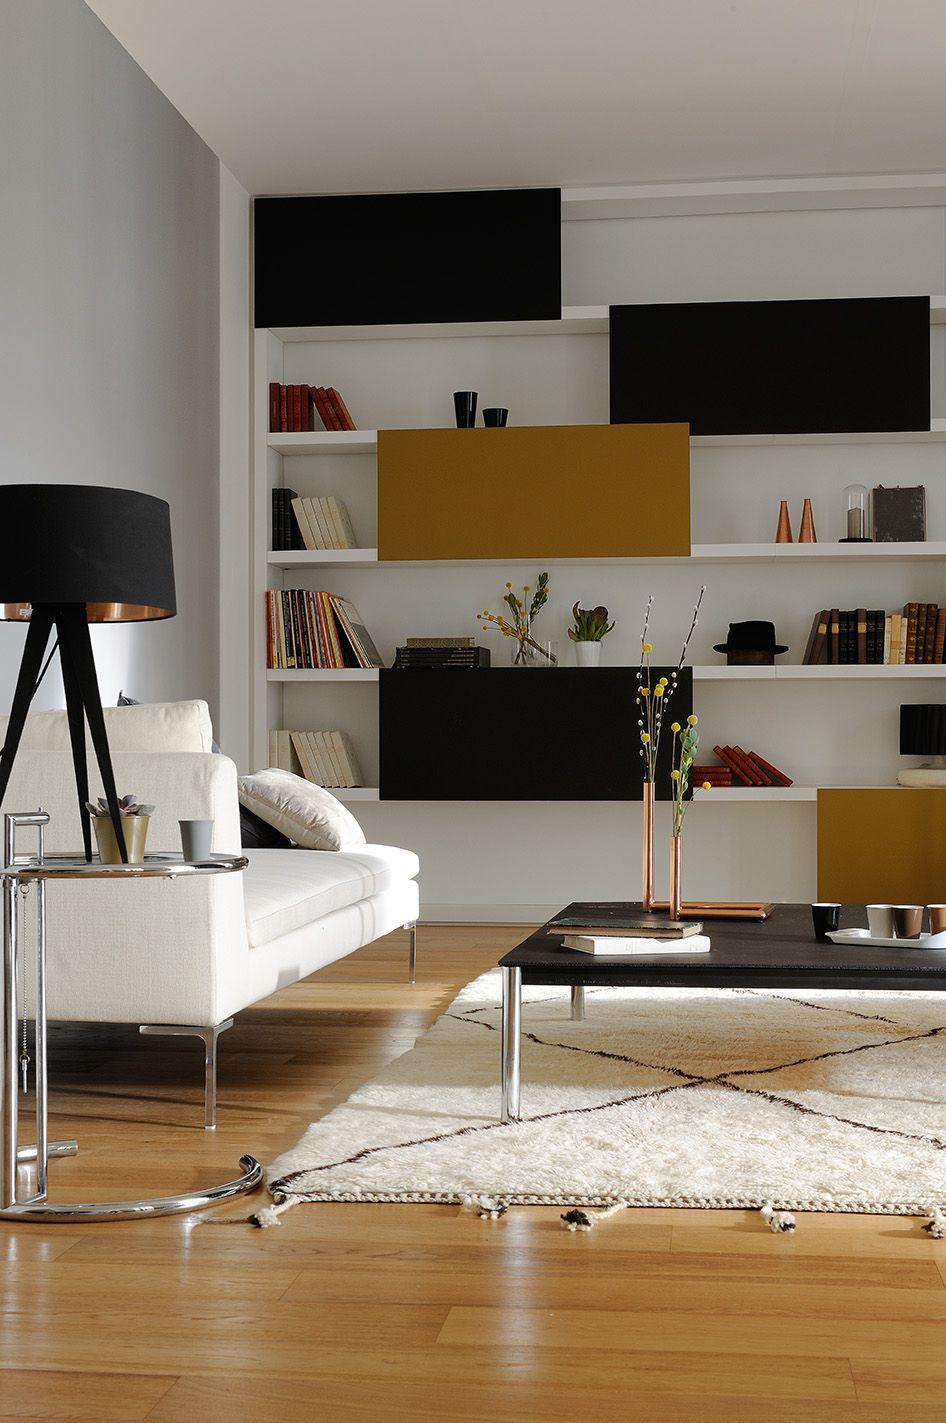 Une ambiance o r gnent luxe calme et volupt zolpan peinture salon blanc noir ocre - Ambiance peinture salon ...